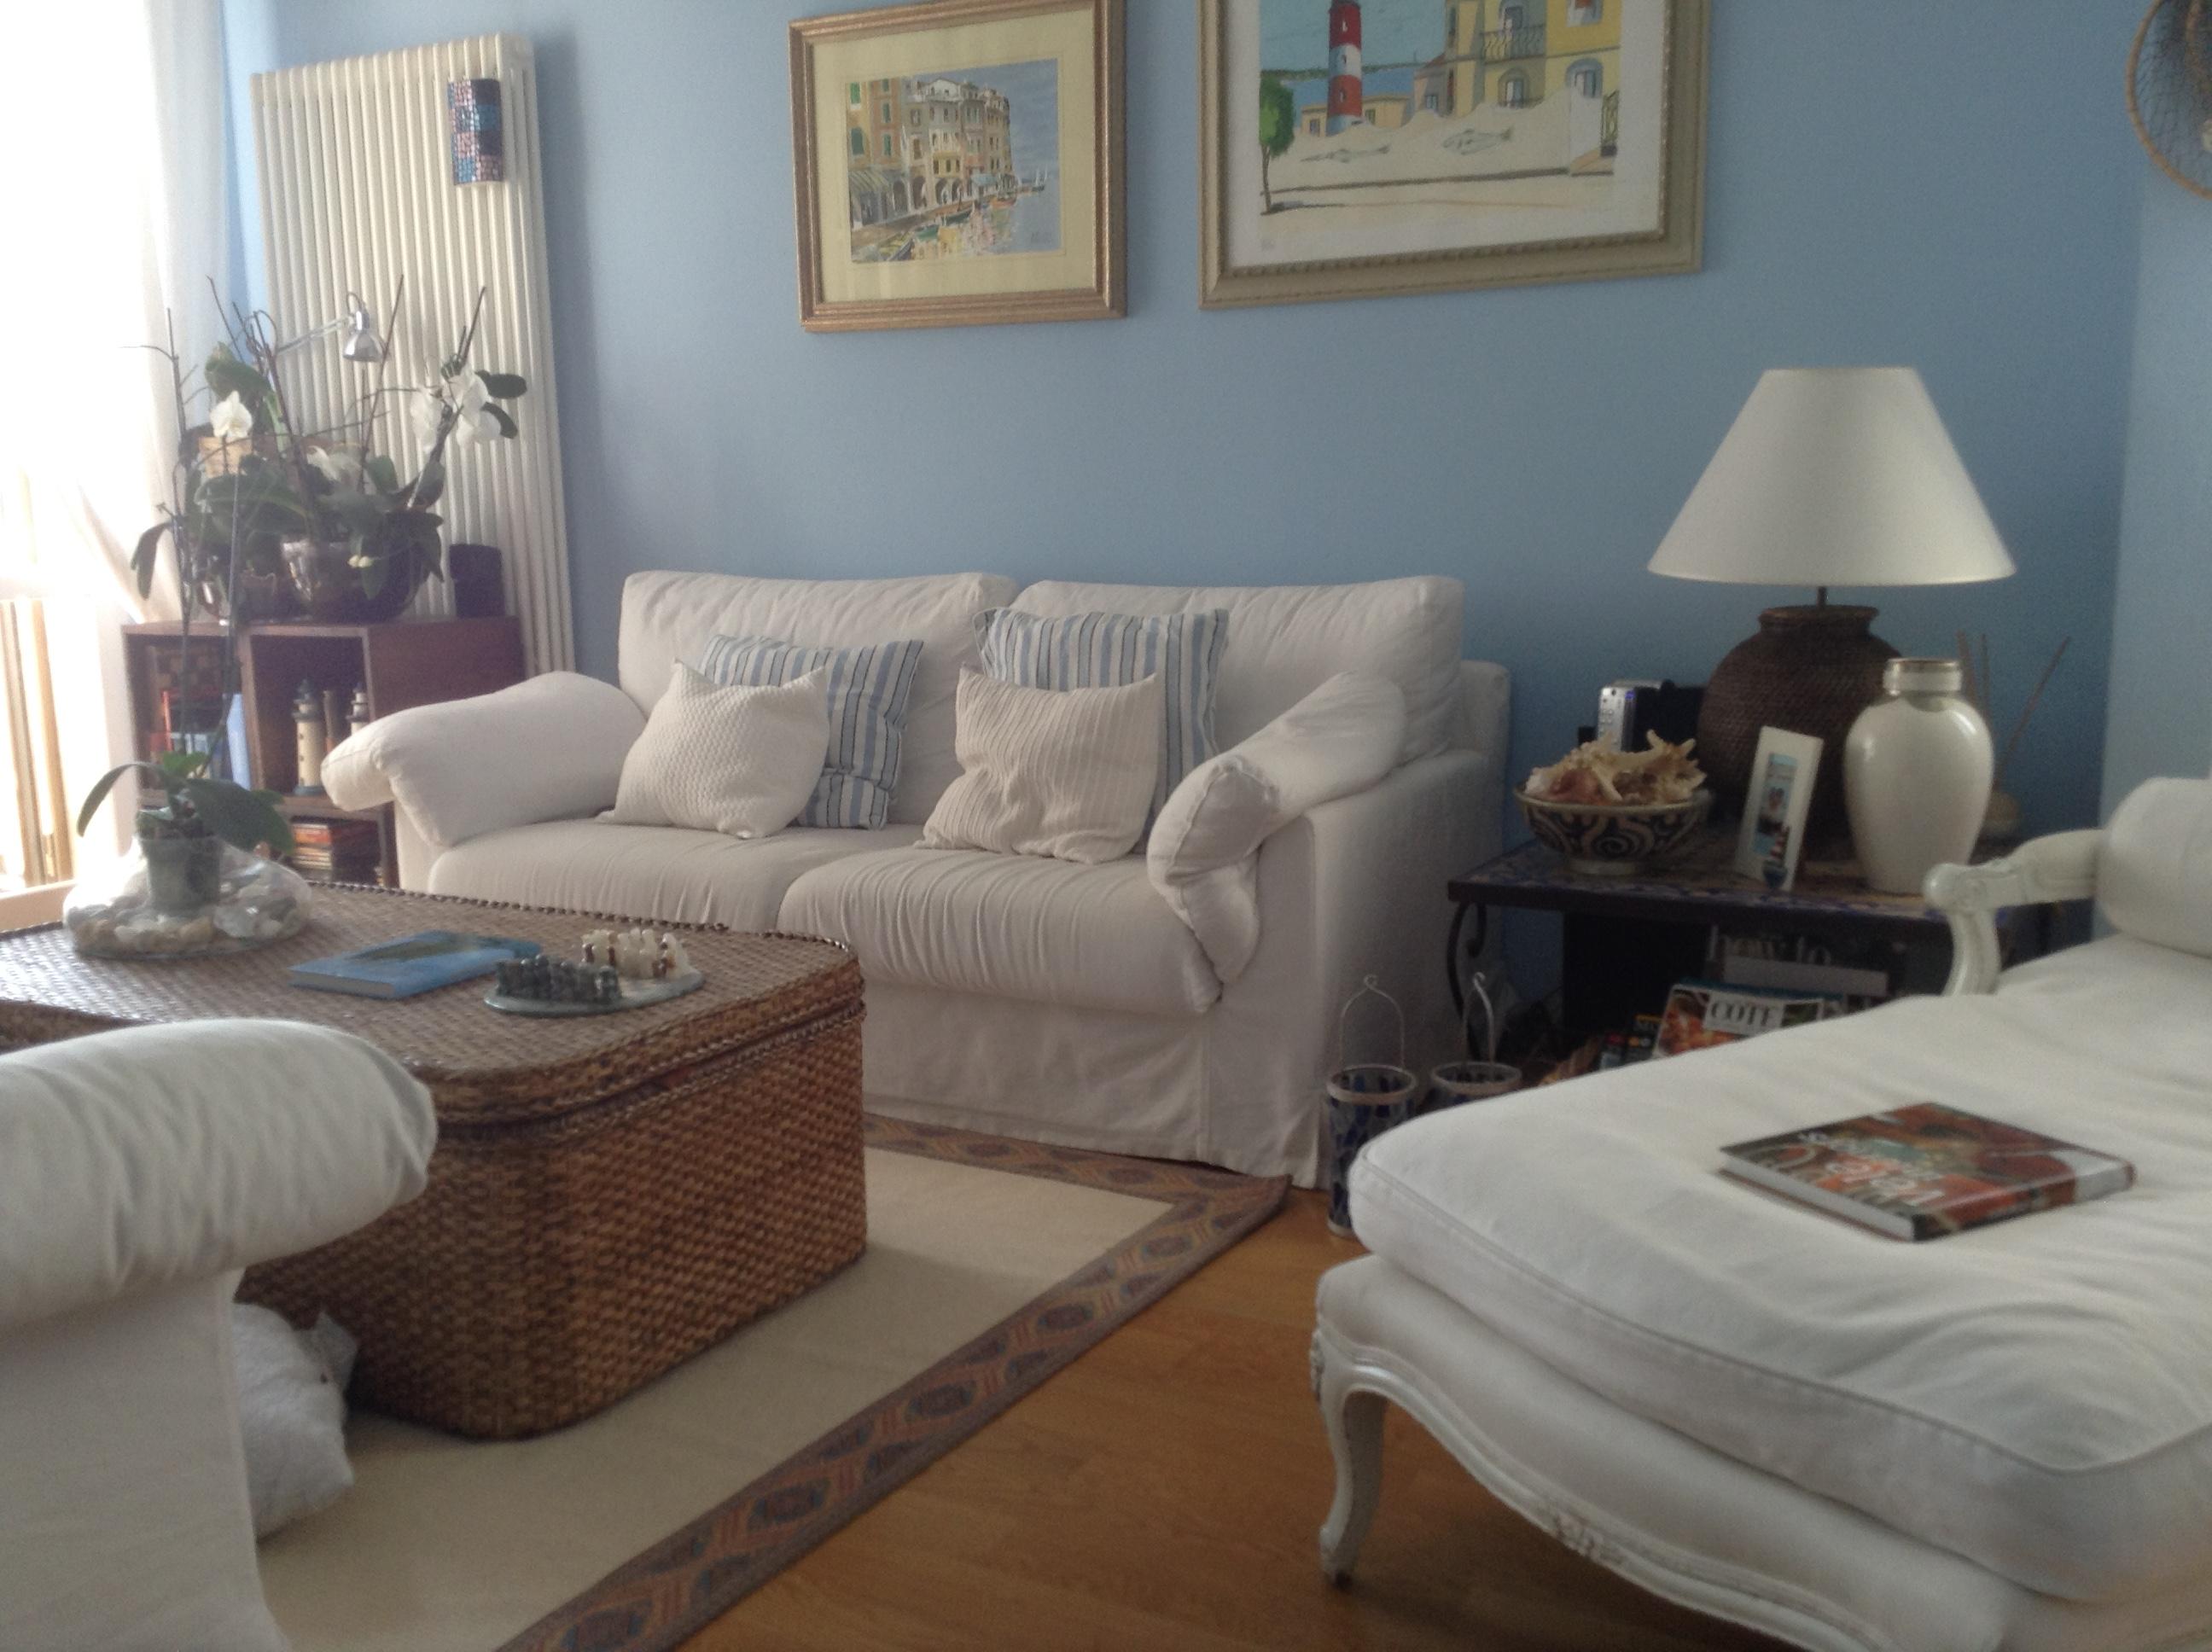 Magazine il piacere della casa vissanicasavissanicasa for Arredamento marino per casa